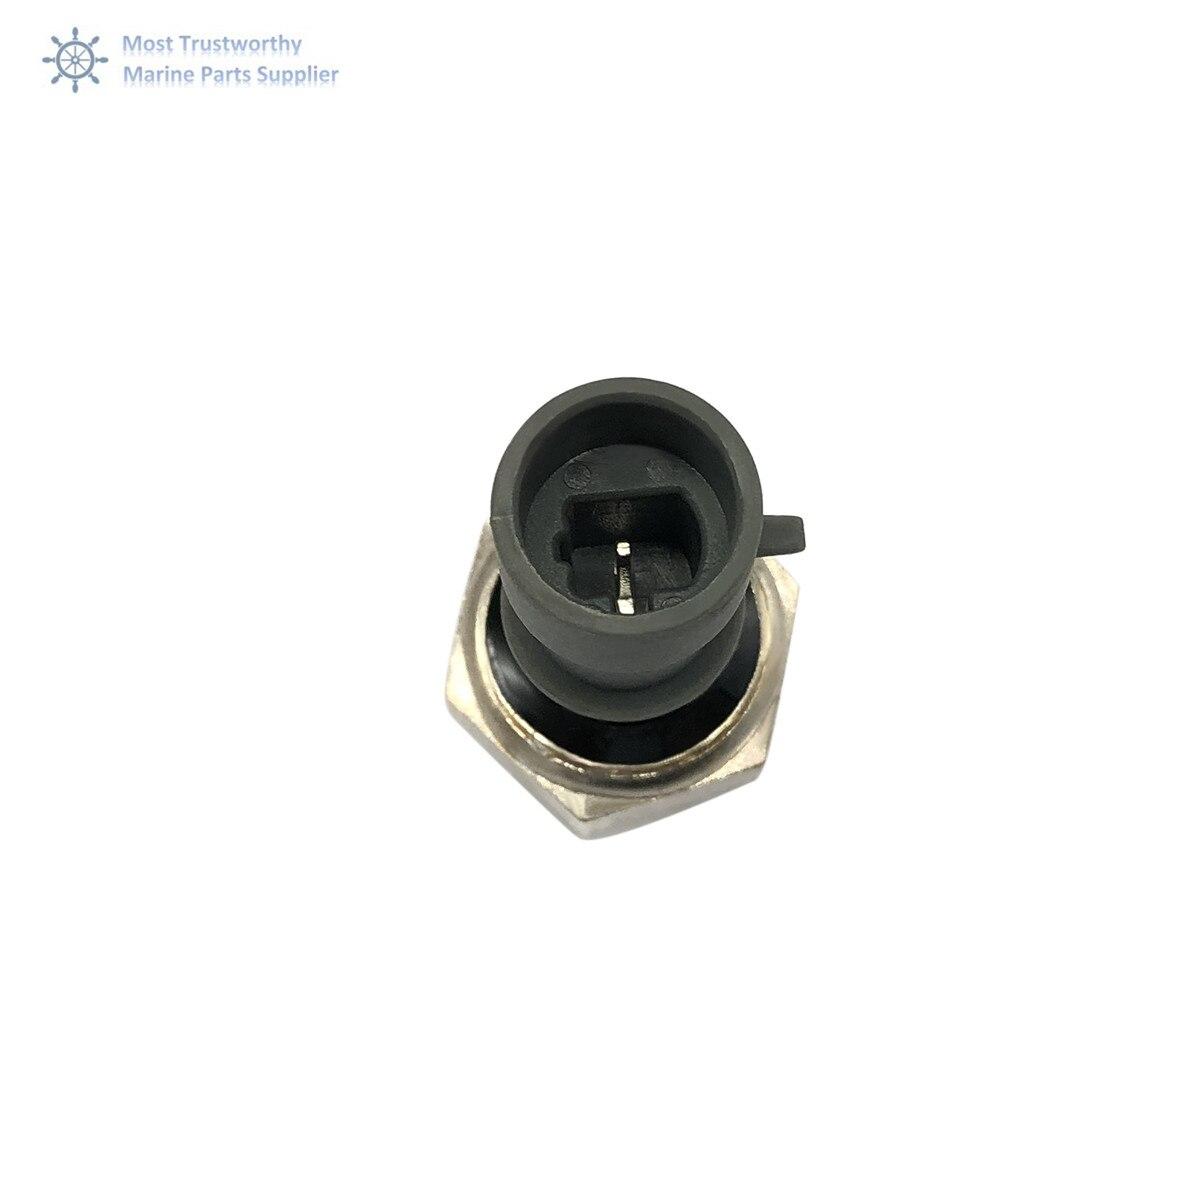 Nouveau Thermostat SeaDoo capteur de pression d'huile 4-TEC RXT-X GTX GTR pour remplacement Repl 420856533 004-290